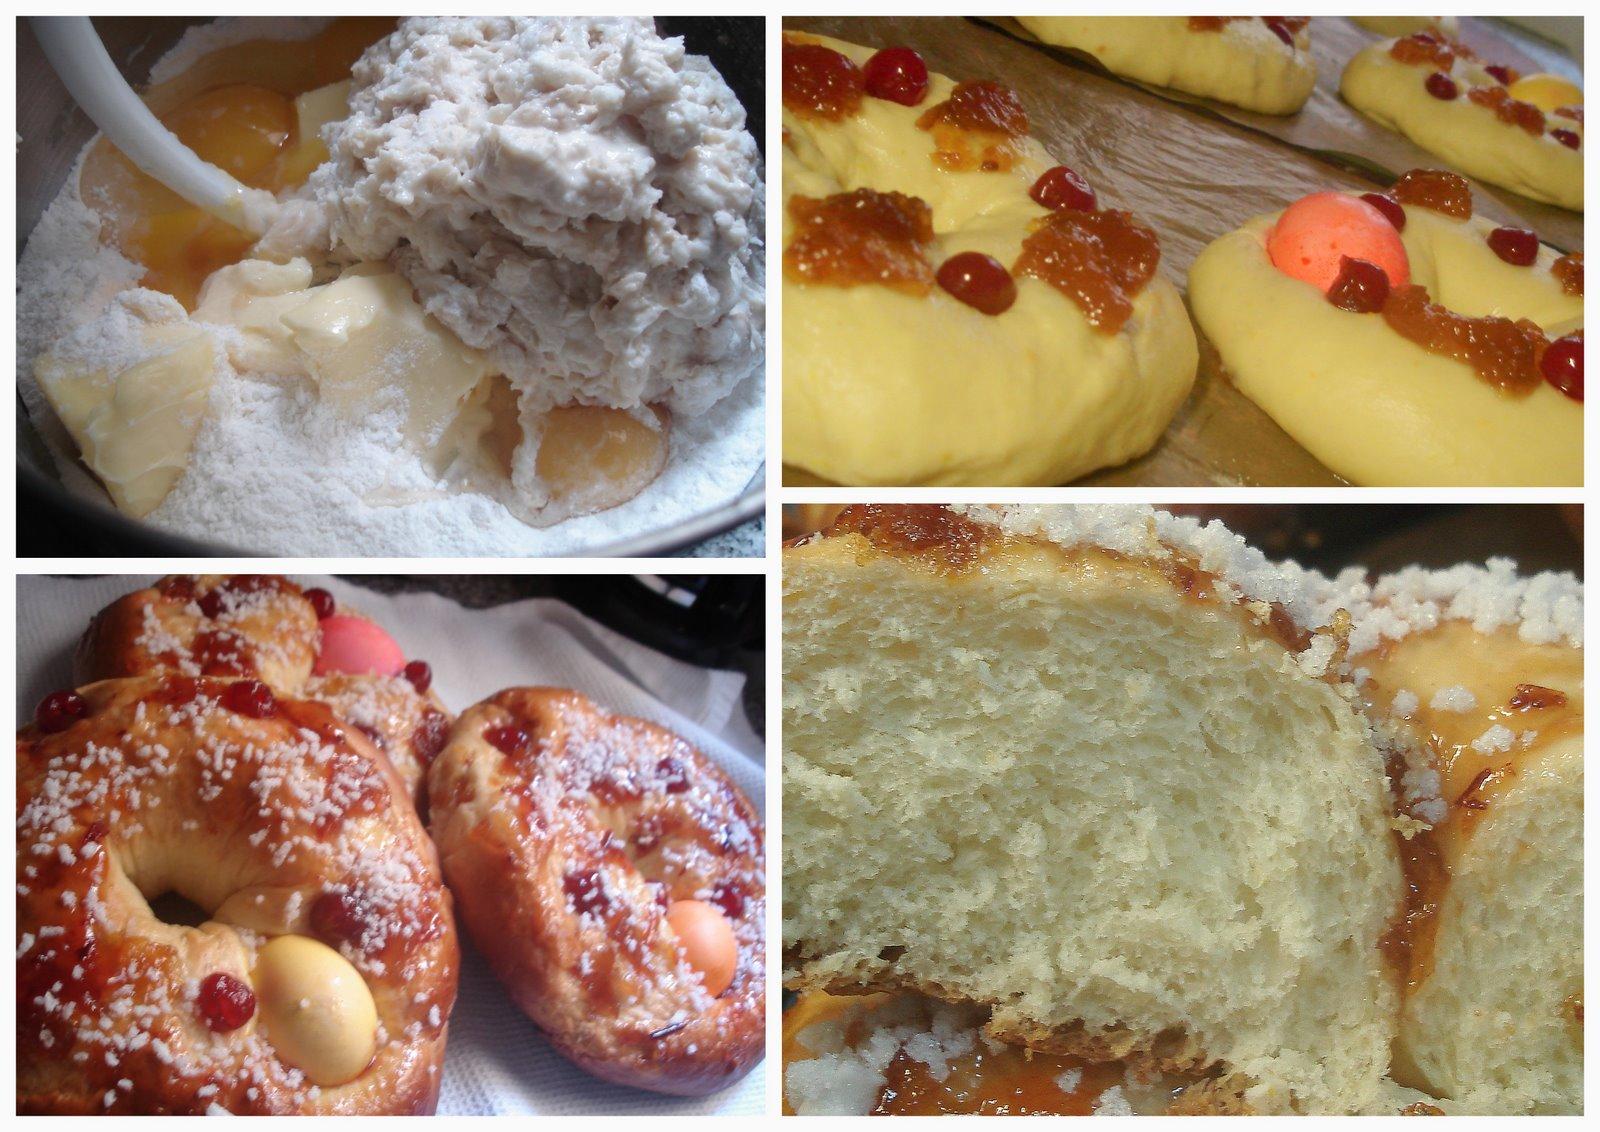 Receta Rosca de Pascua | Fácil y Económica - Cocina con